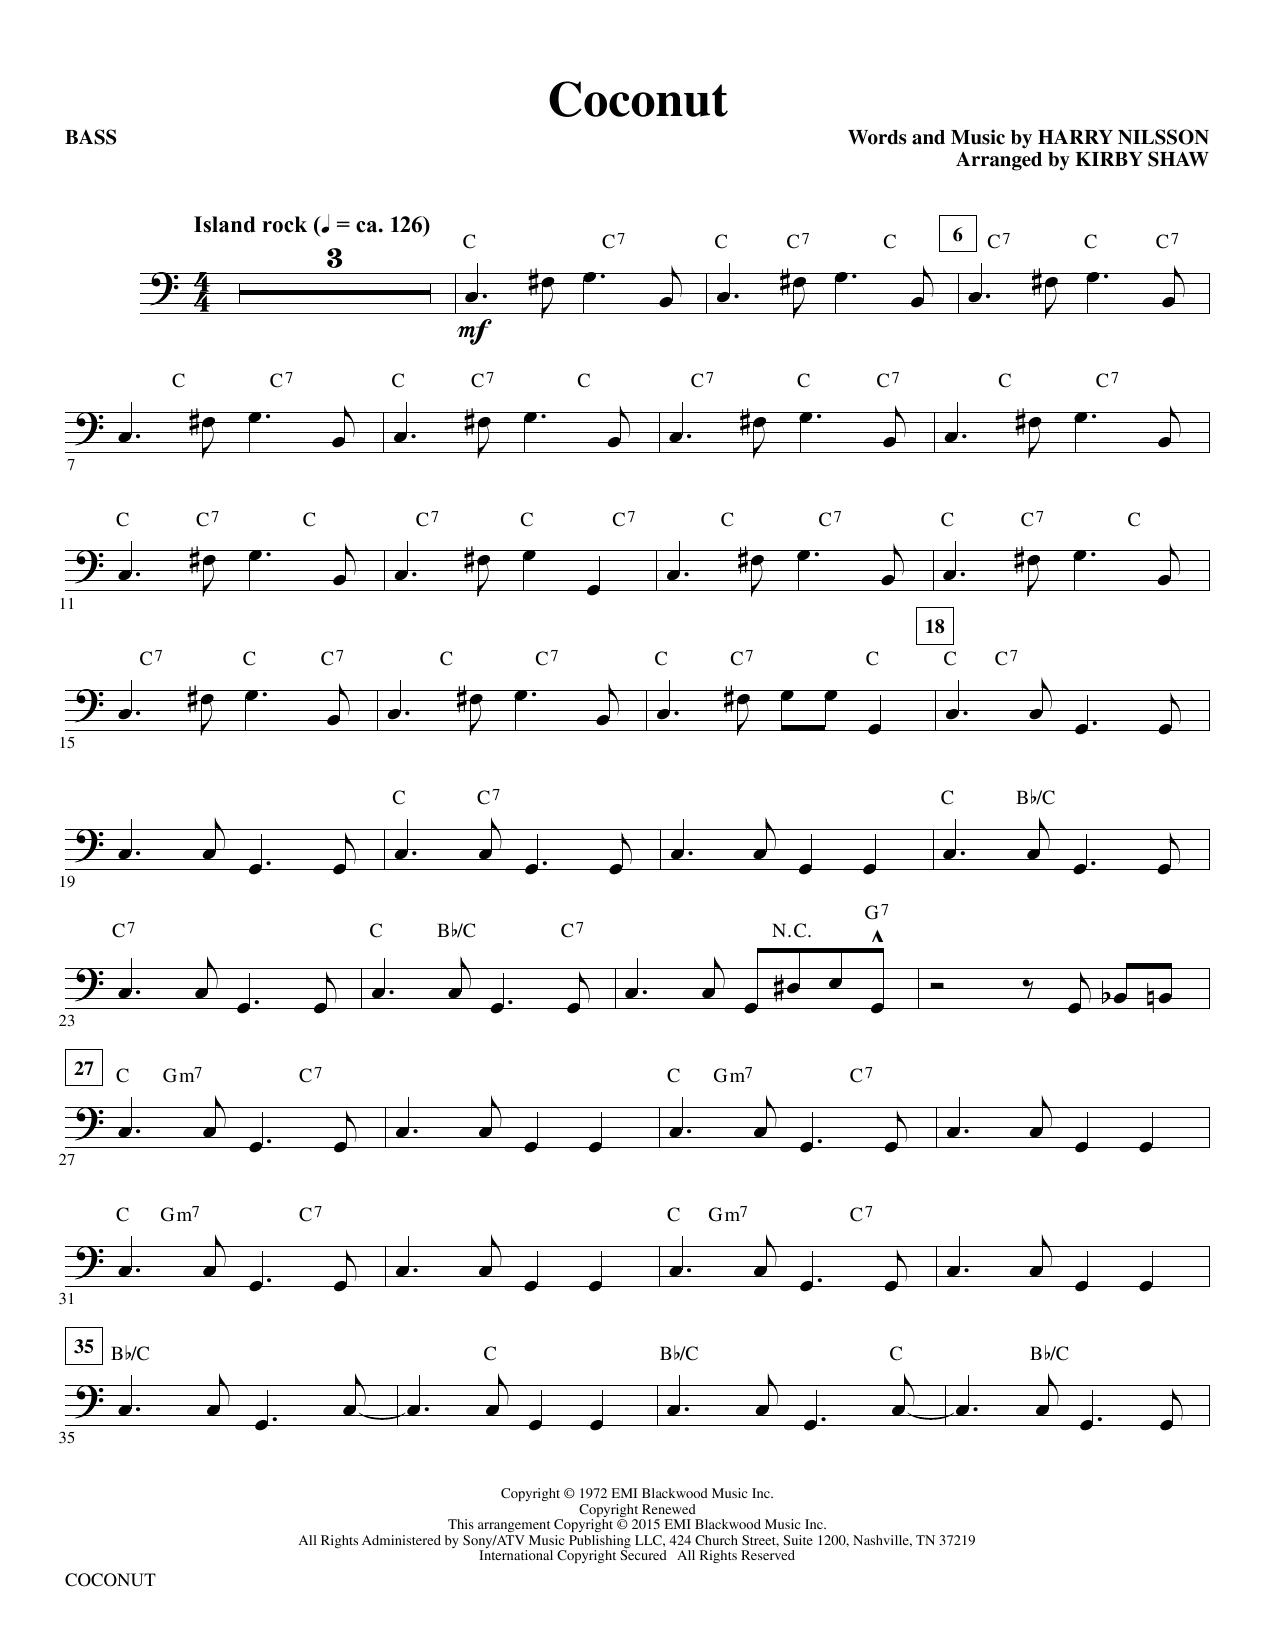 Coconut - Bass sheet music